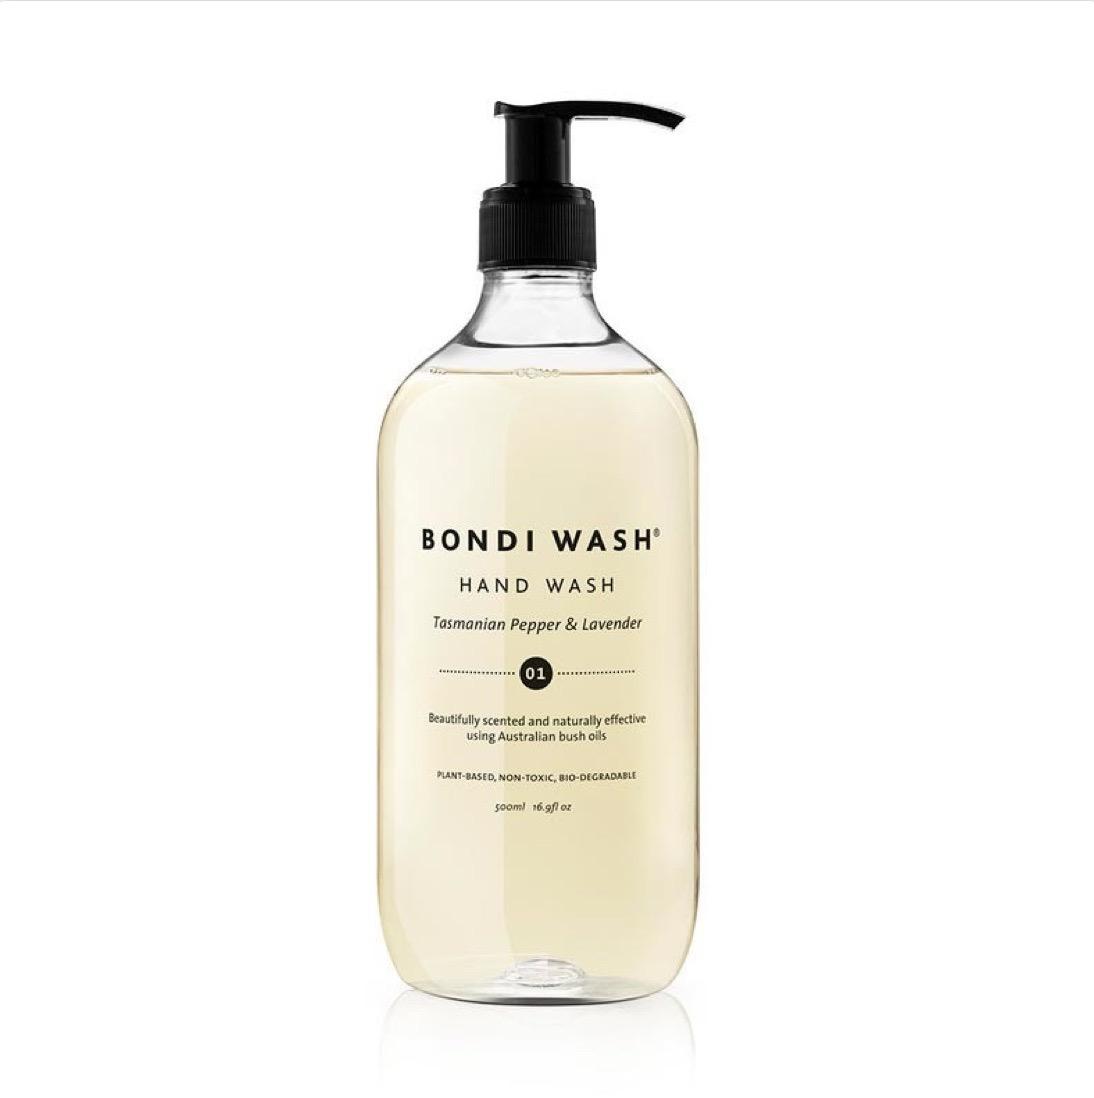 Bondi Wash Hand Wash